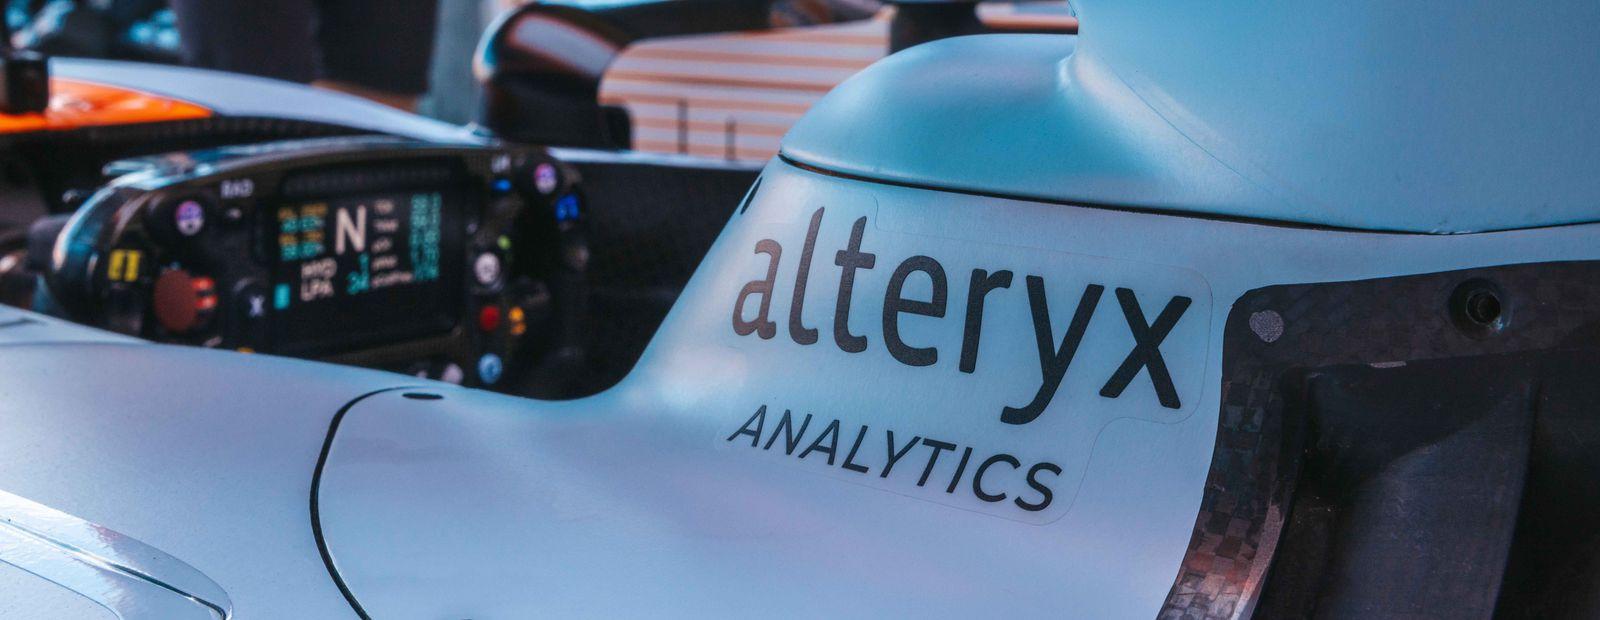 Alteryx Mclaren